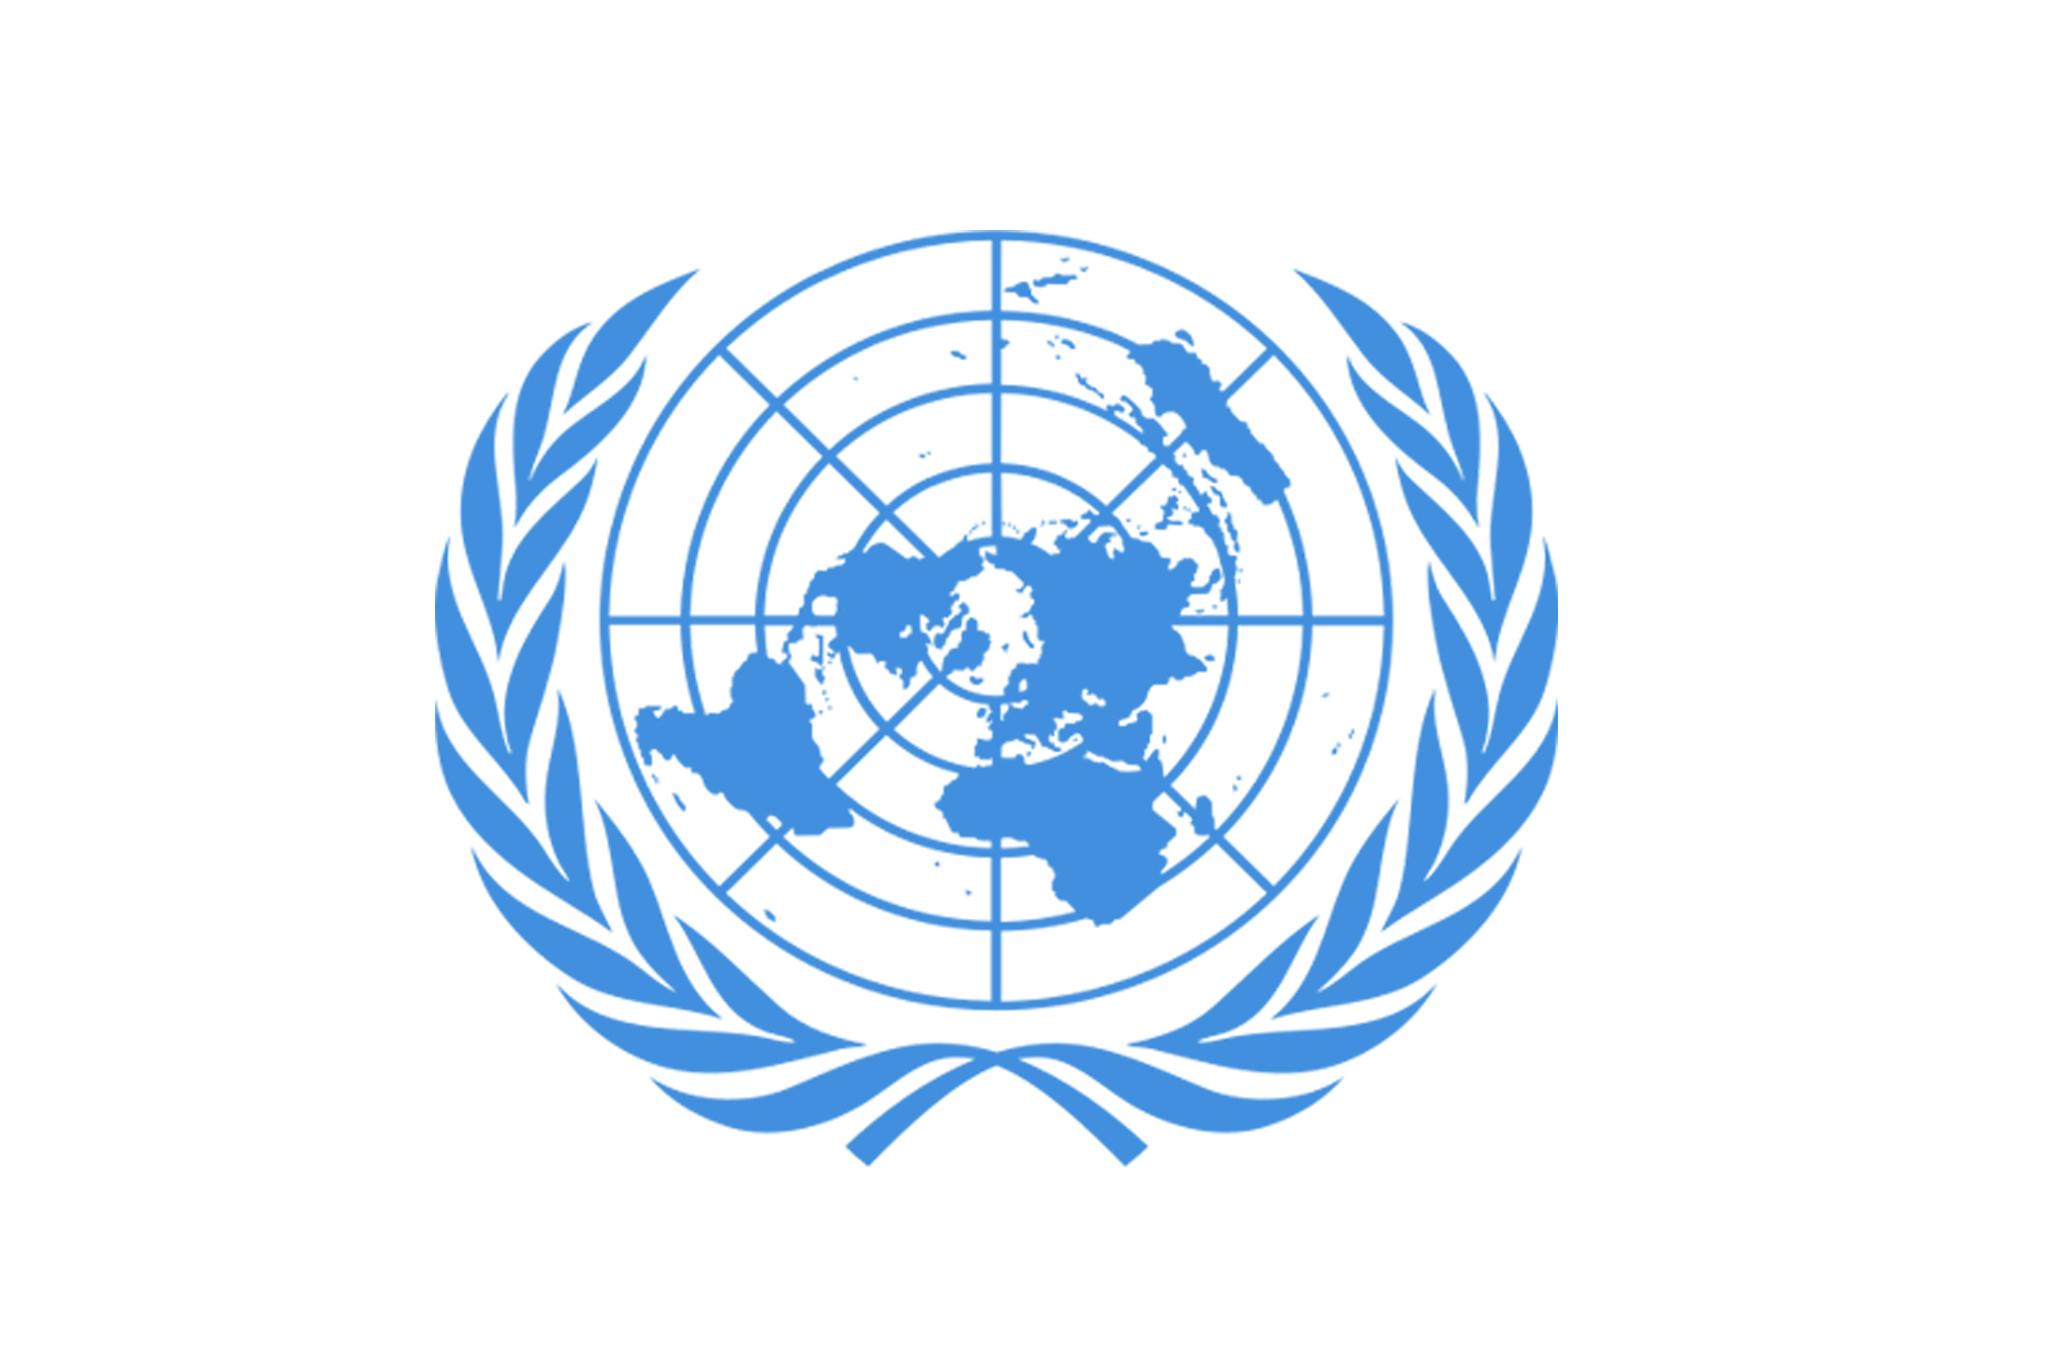 Estados Unidos no detiene el mandato pro-aborto para el Fondo de Población de la ONU.  Stefano Gennarini, J.D.